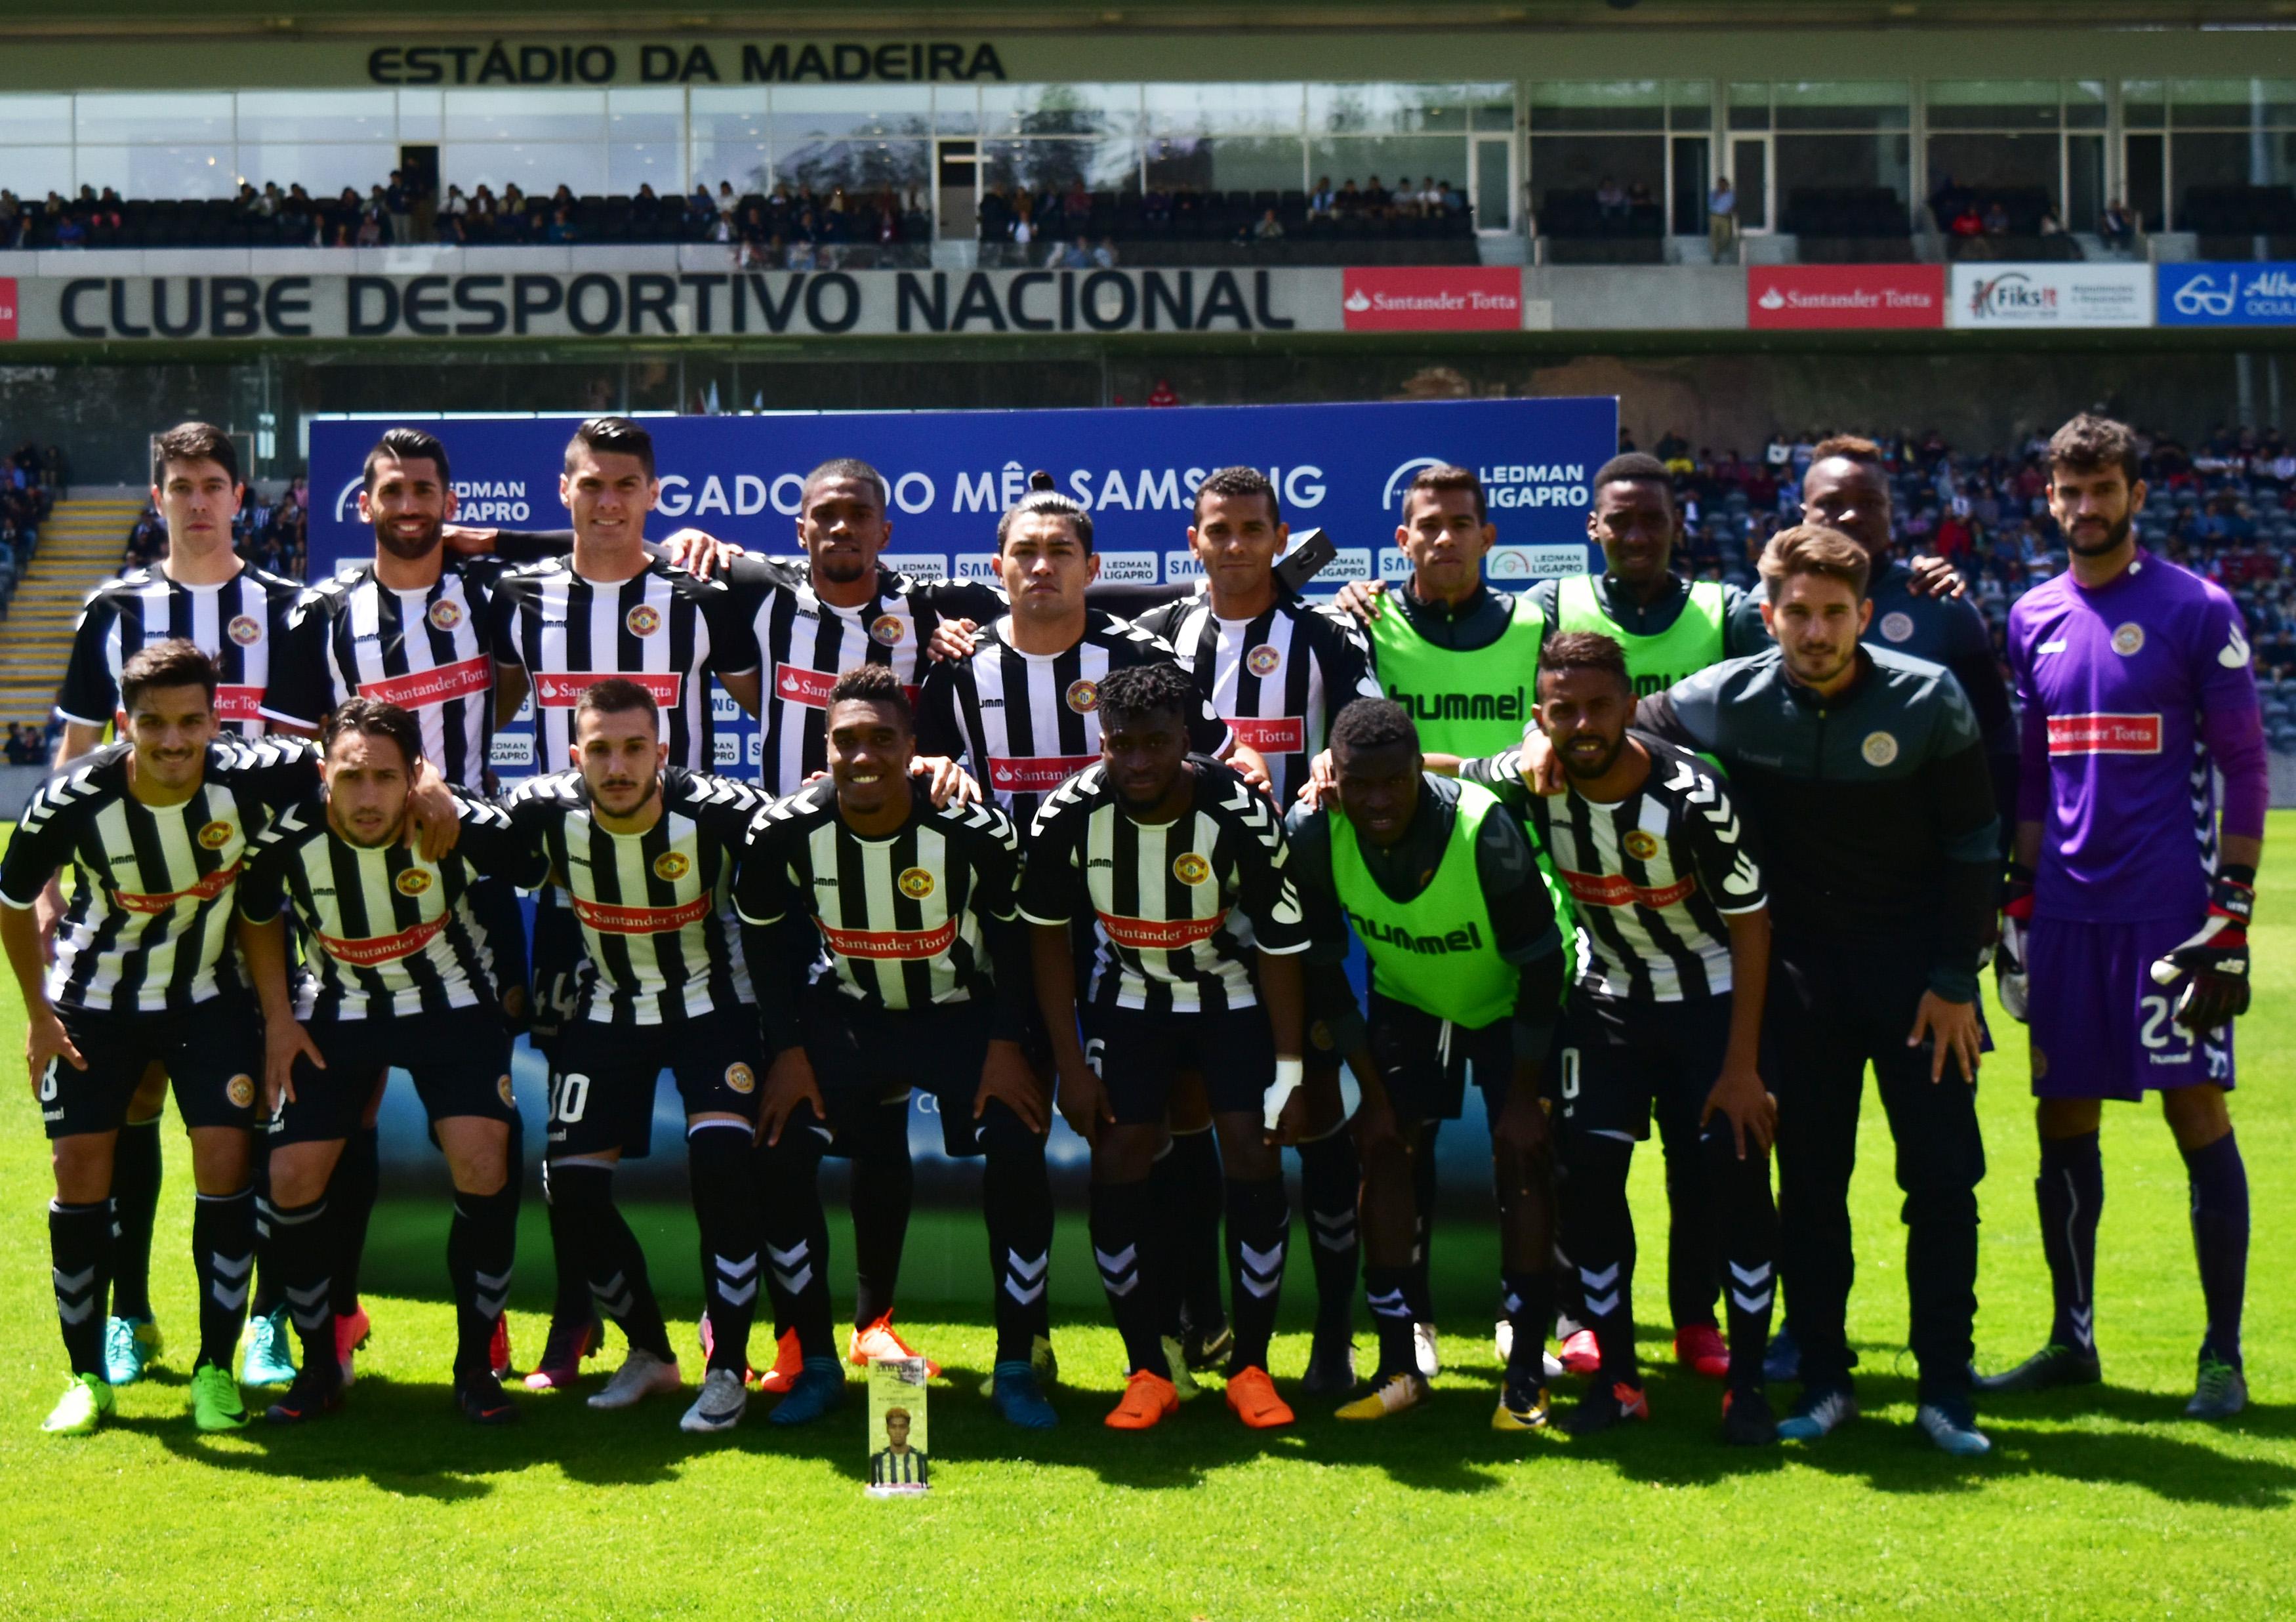 Feirense: Clube Desportivo Nacional Nacional Joga Esta Manhã Em Barcelos